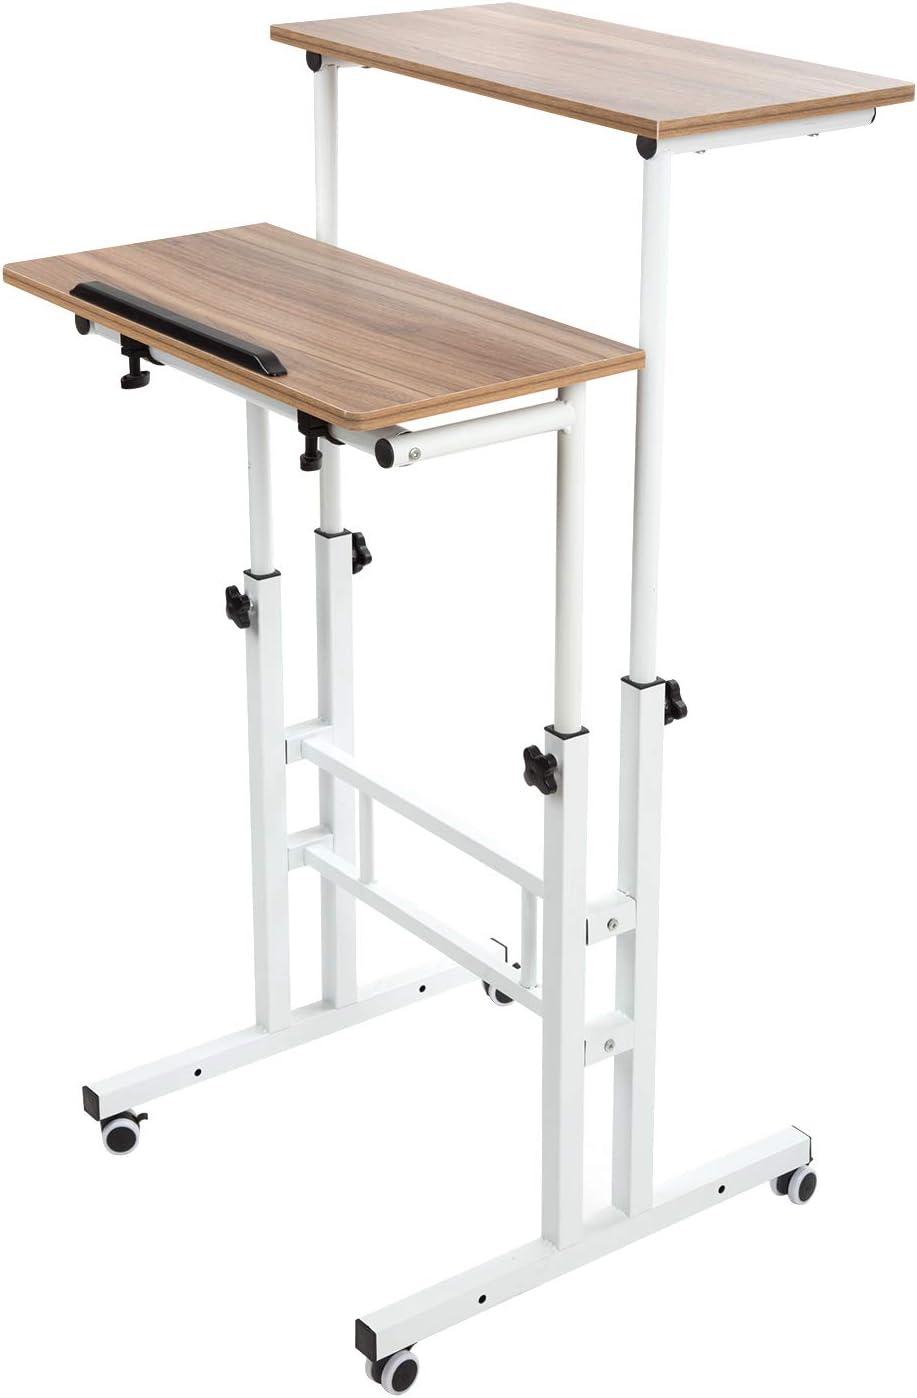 BarleyHome Mobile Stand Up Desk, Adjustable Laptop Desk with Wheels Home Office Workstation, Rolling Table Laptop Cart for Standing or Sitting, Vinatge Oak